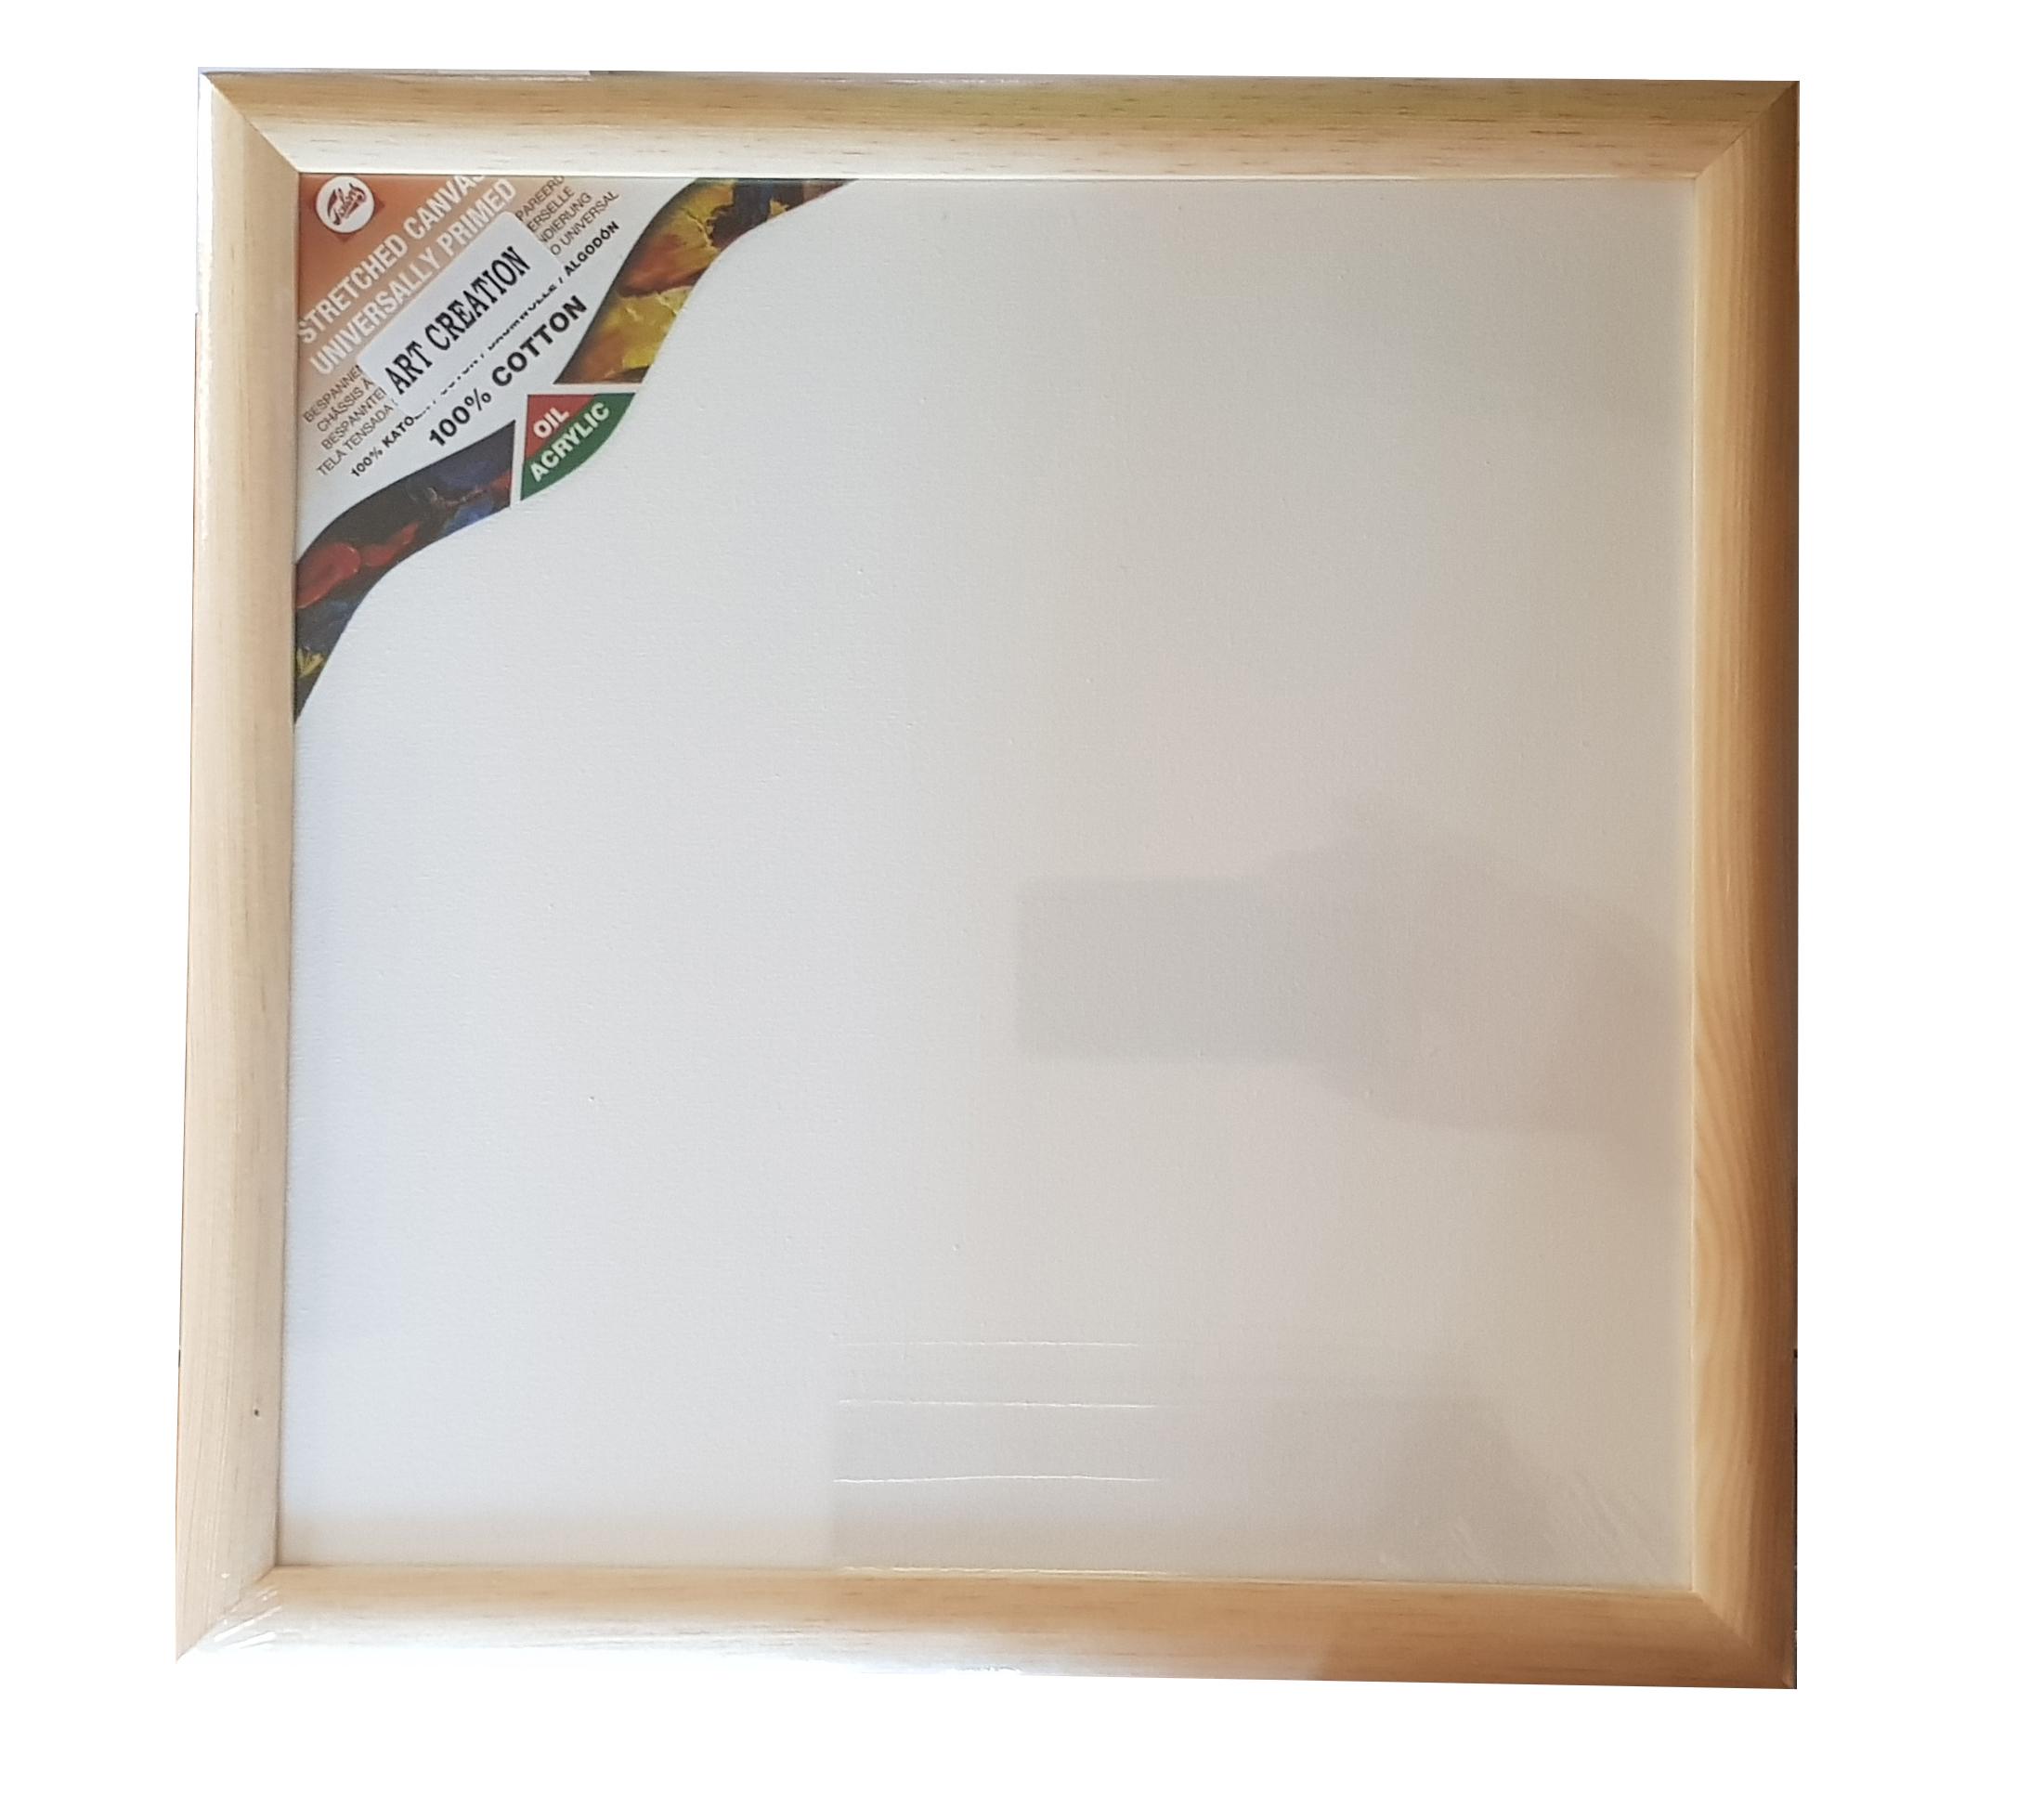 a39c97ae65e548 PODOBRAZIE ARTYSTYCZNE ARTIST 30X30CM :: ArtEquipment - Internetowy ...